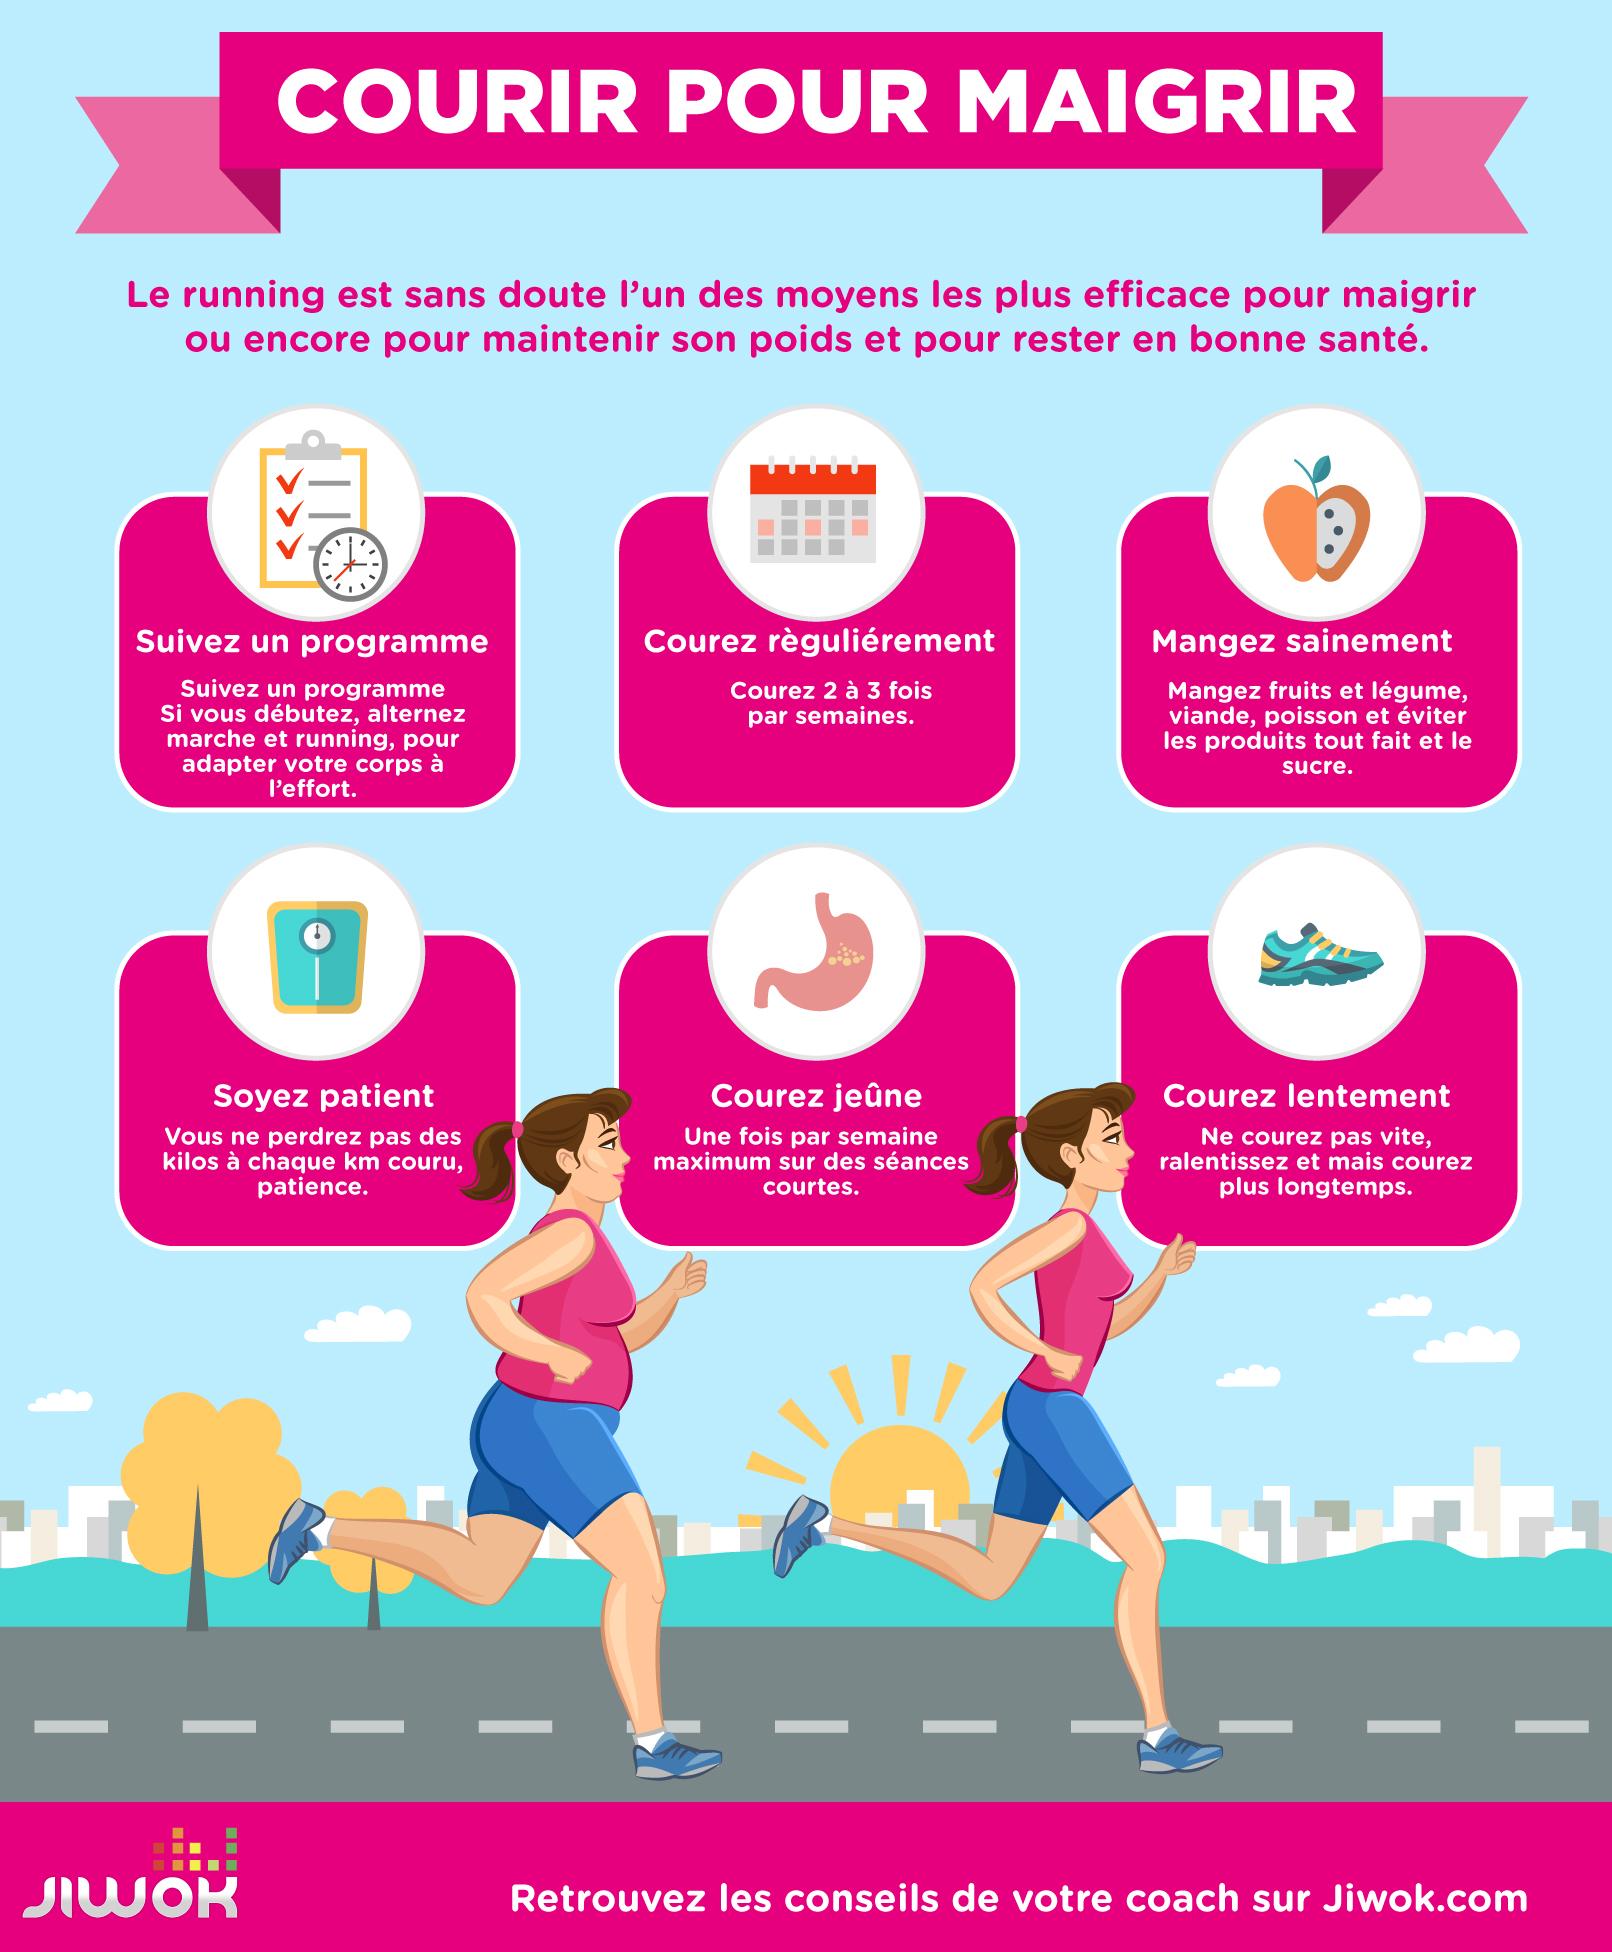 Courir permet il de perdre du poids